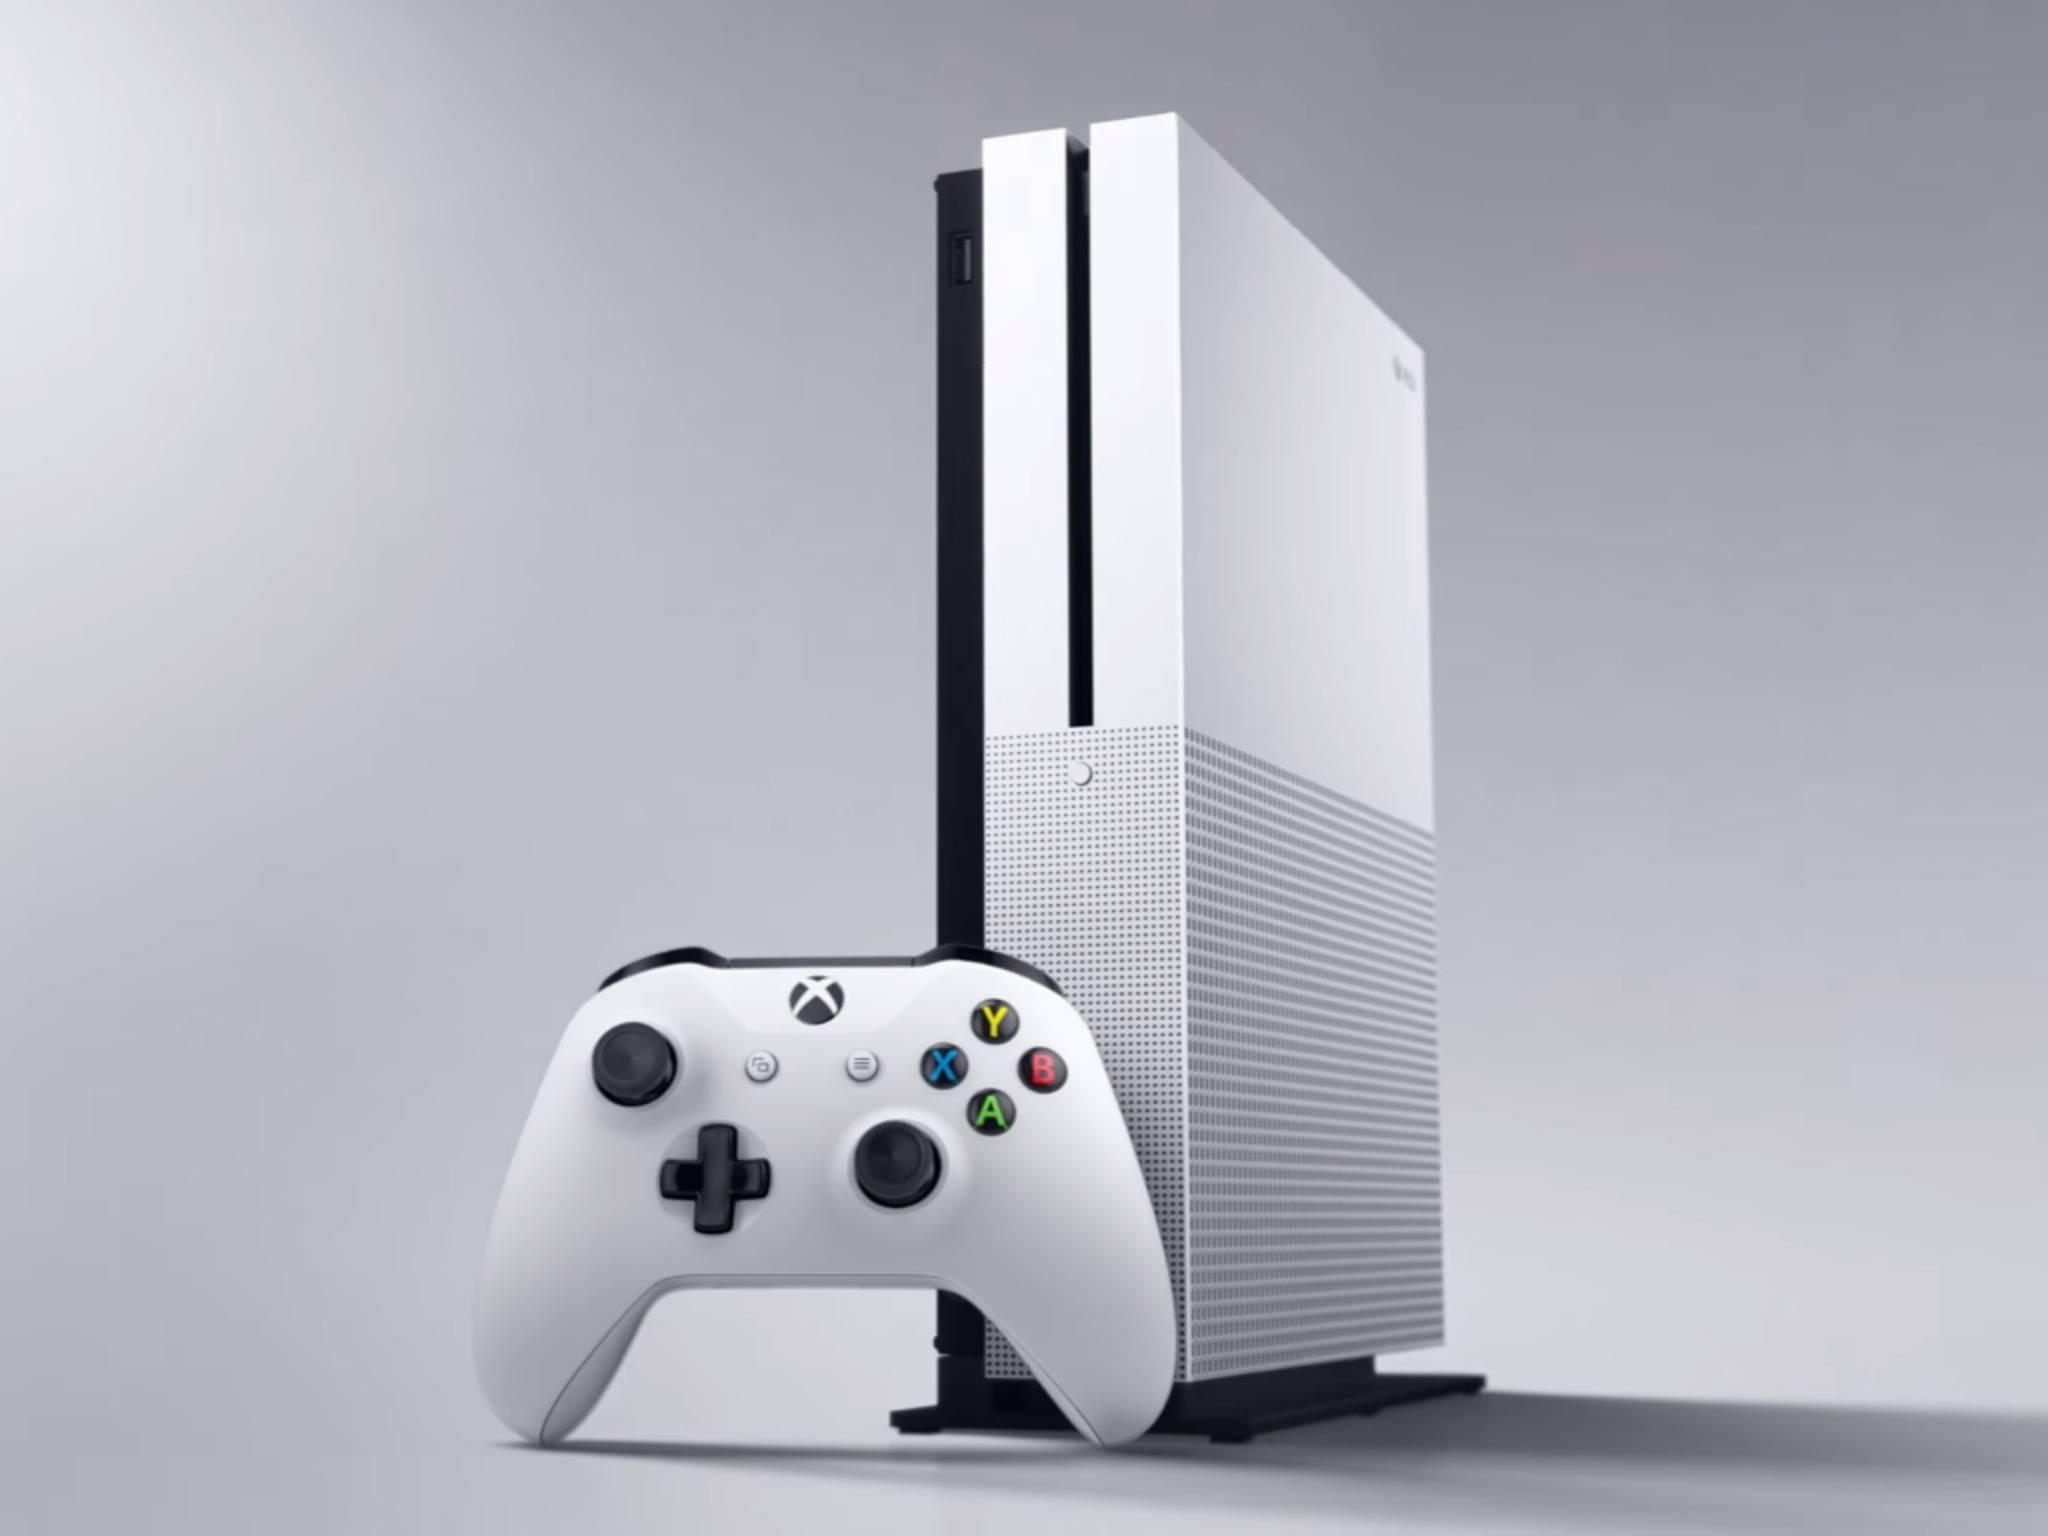 Schlanker und mit 4K-Support: die Xbox One S.